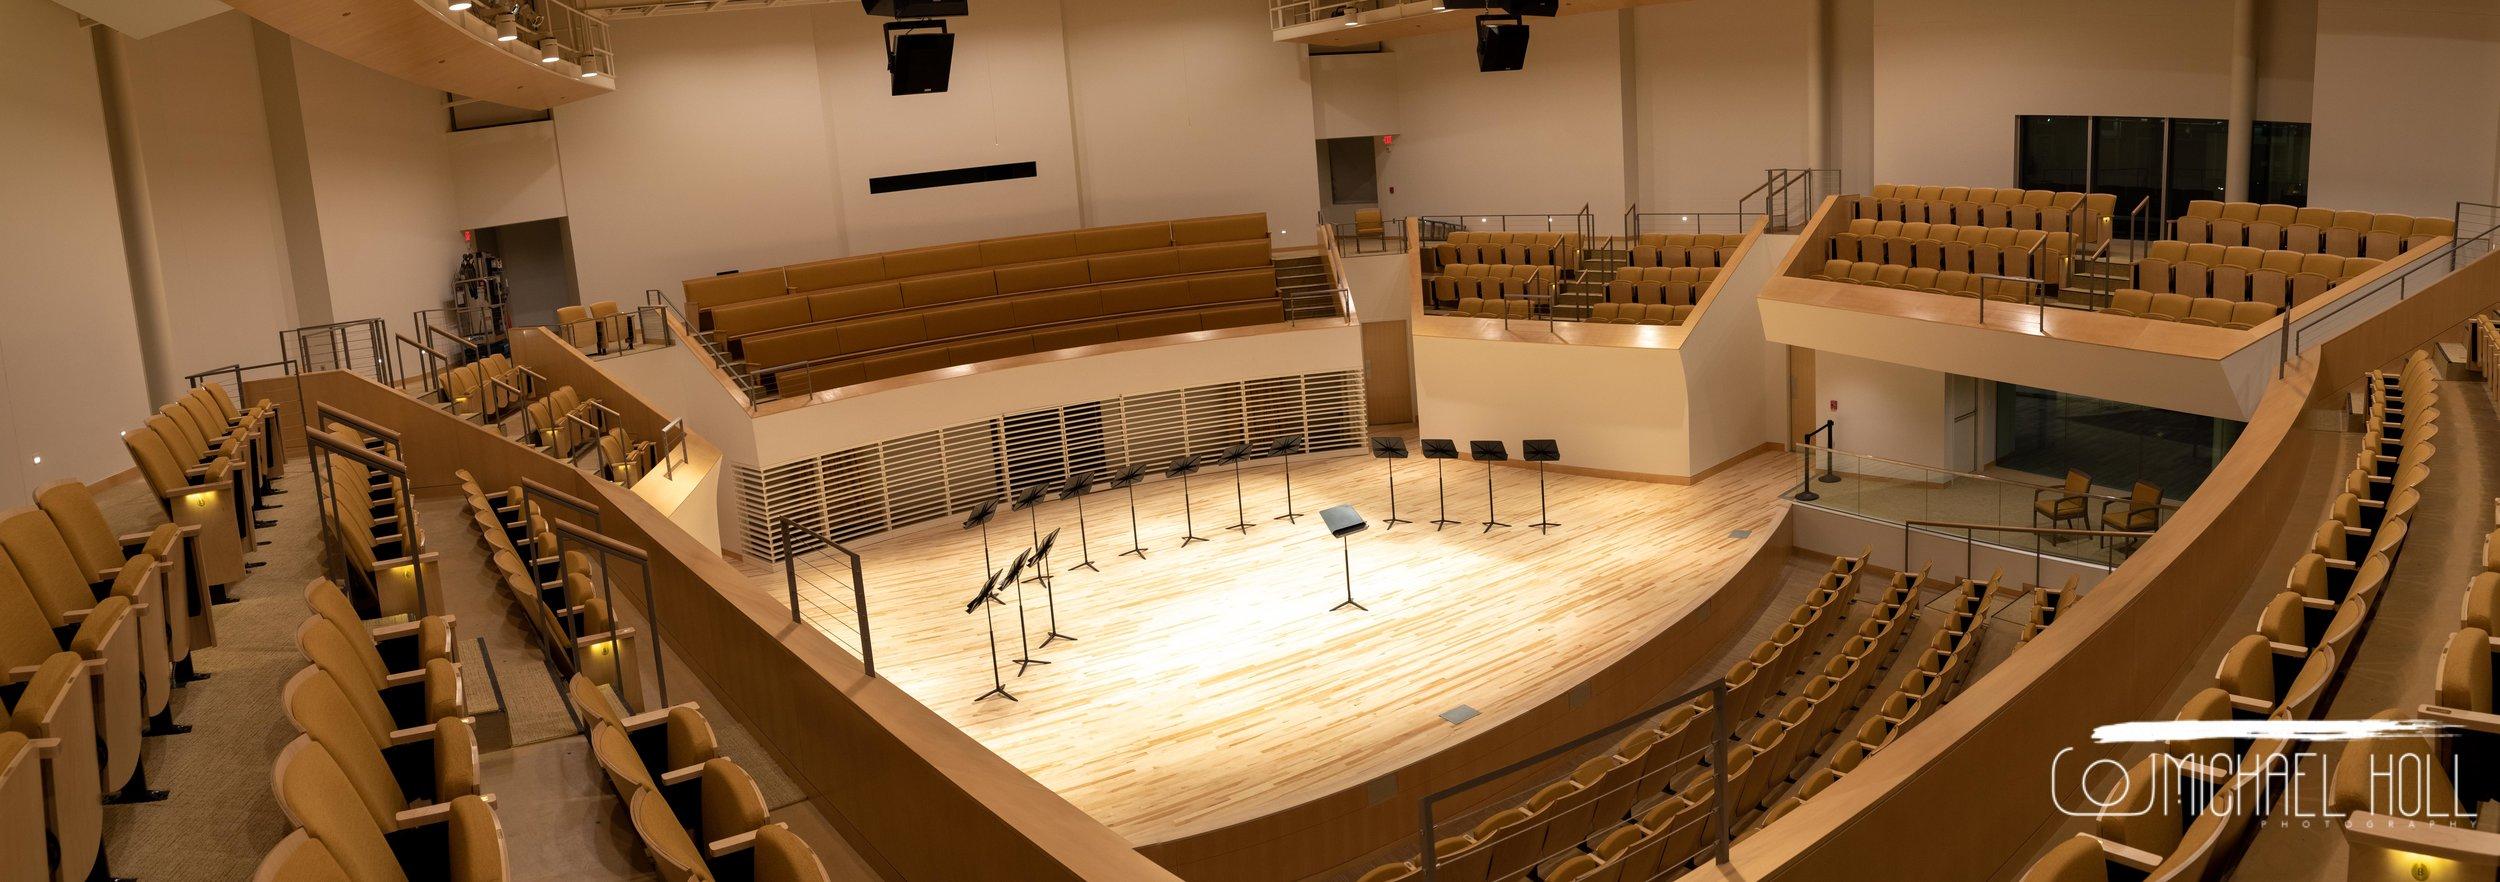 PSU Trombone Choir 2018-2.jpg